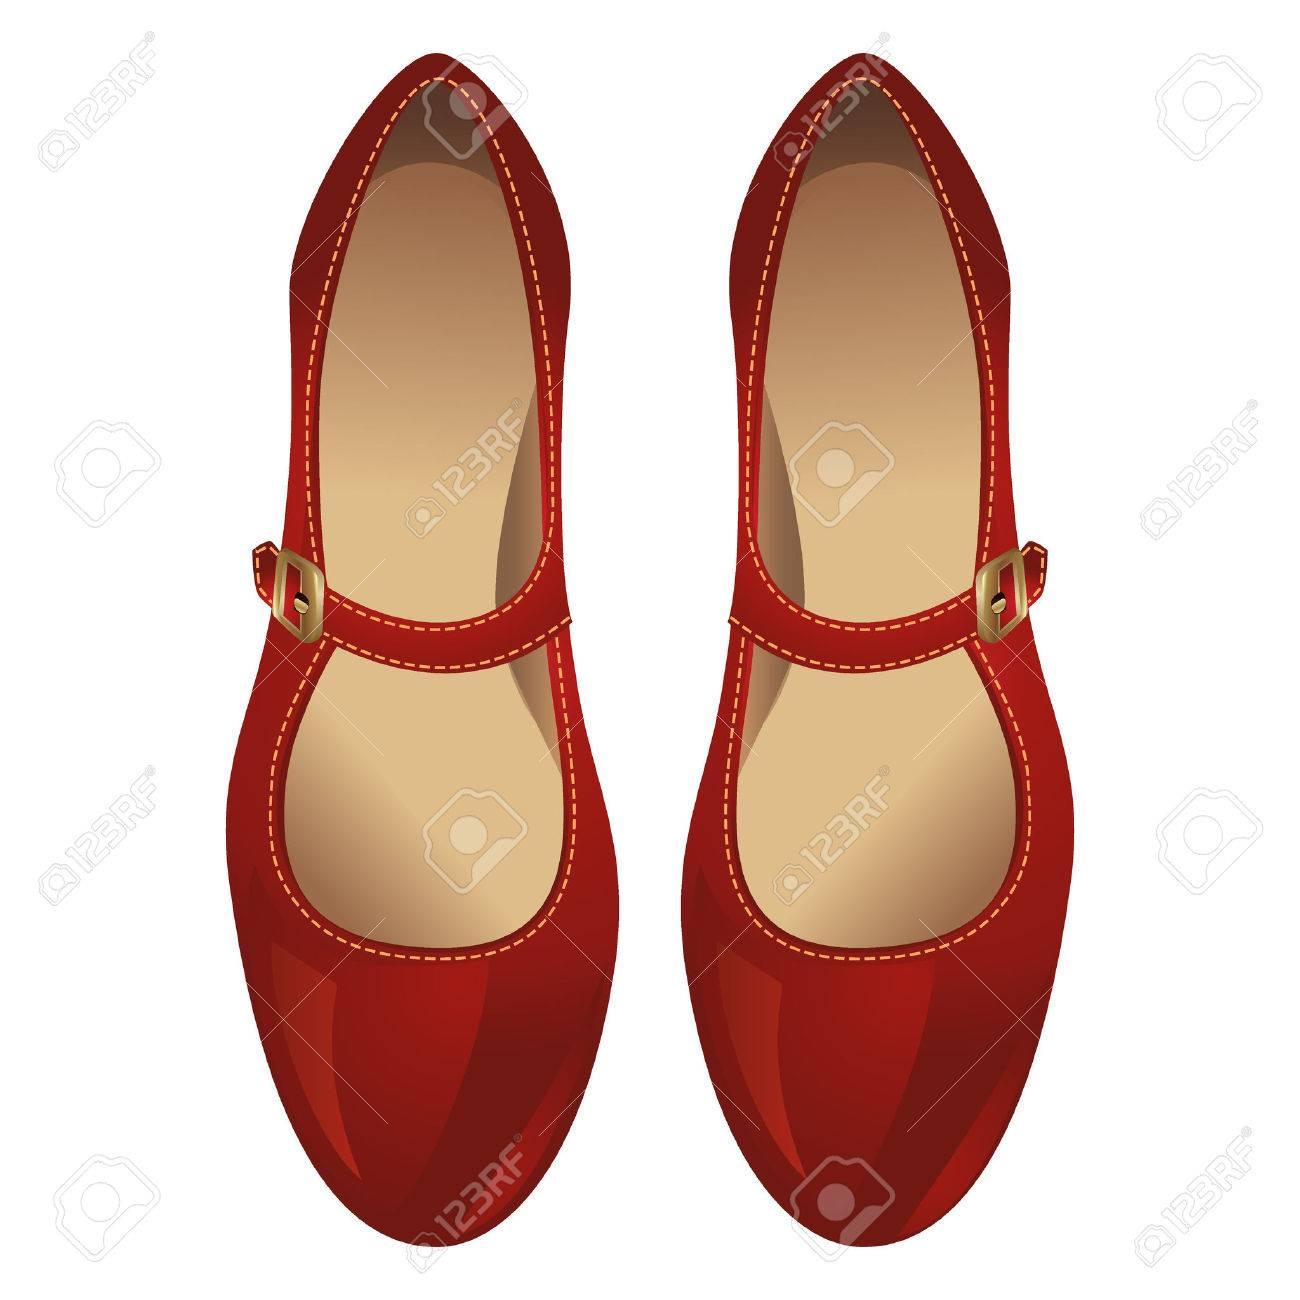 scarpe con cinturino sul collo del piede